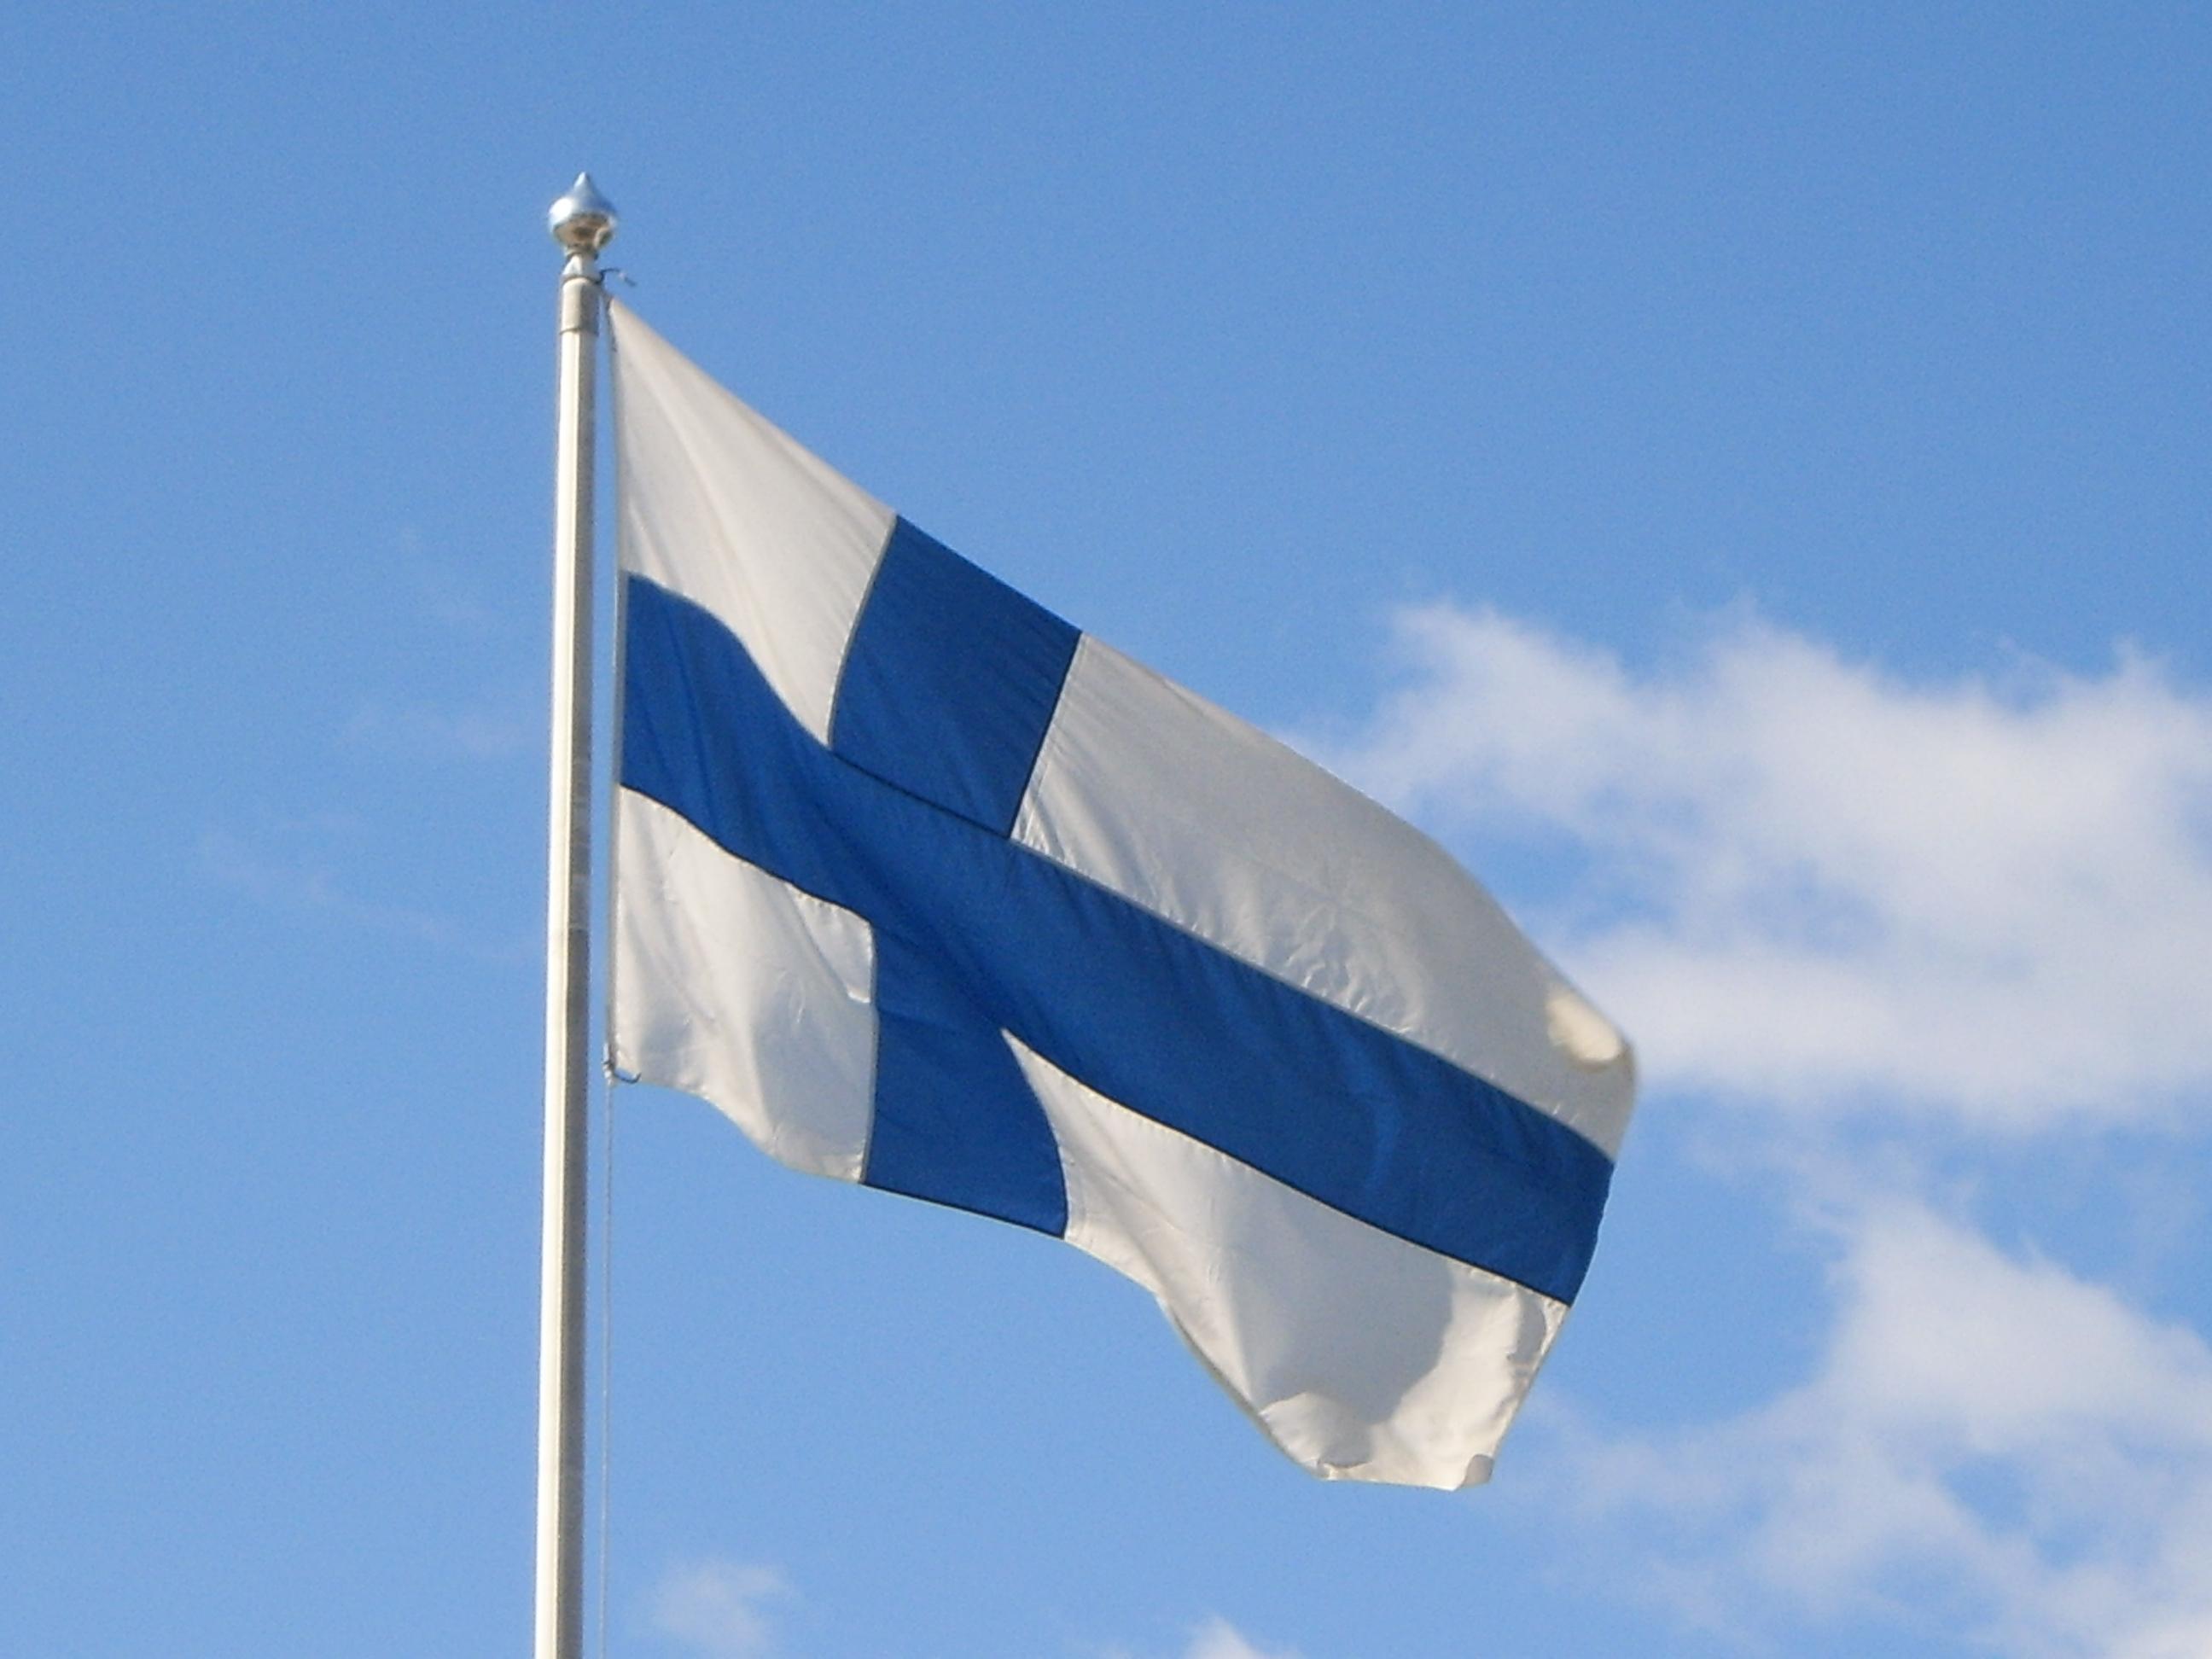 Дні прапора у Фінляндії — Вікіпедія